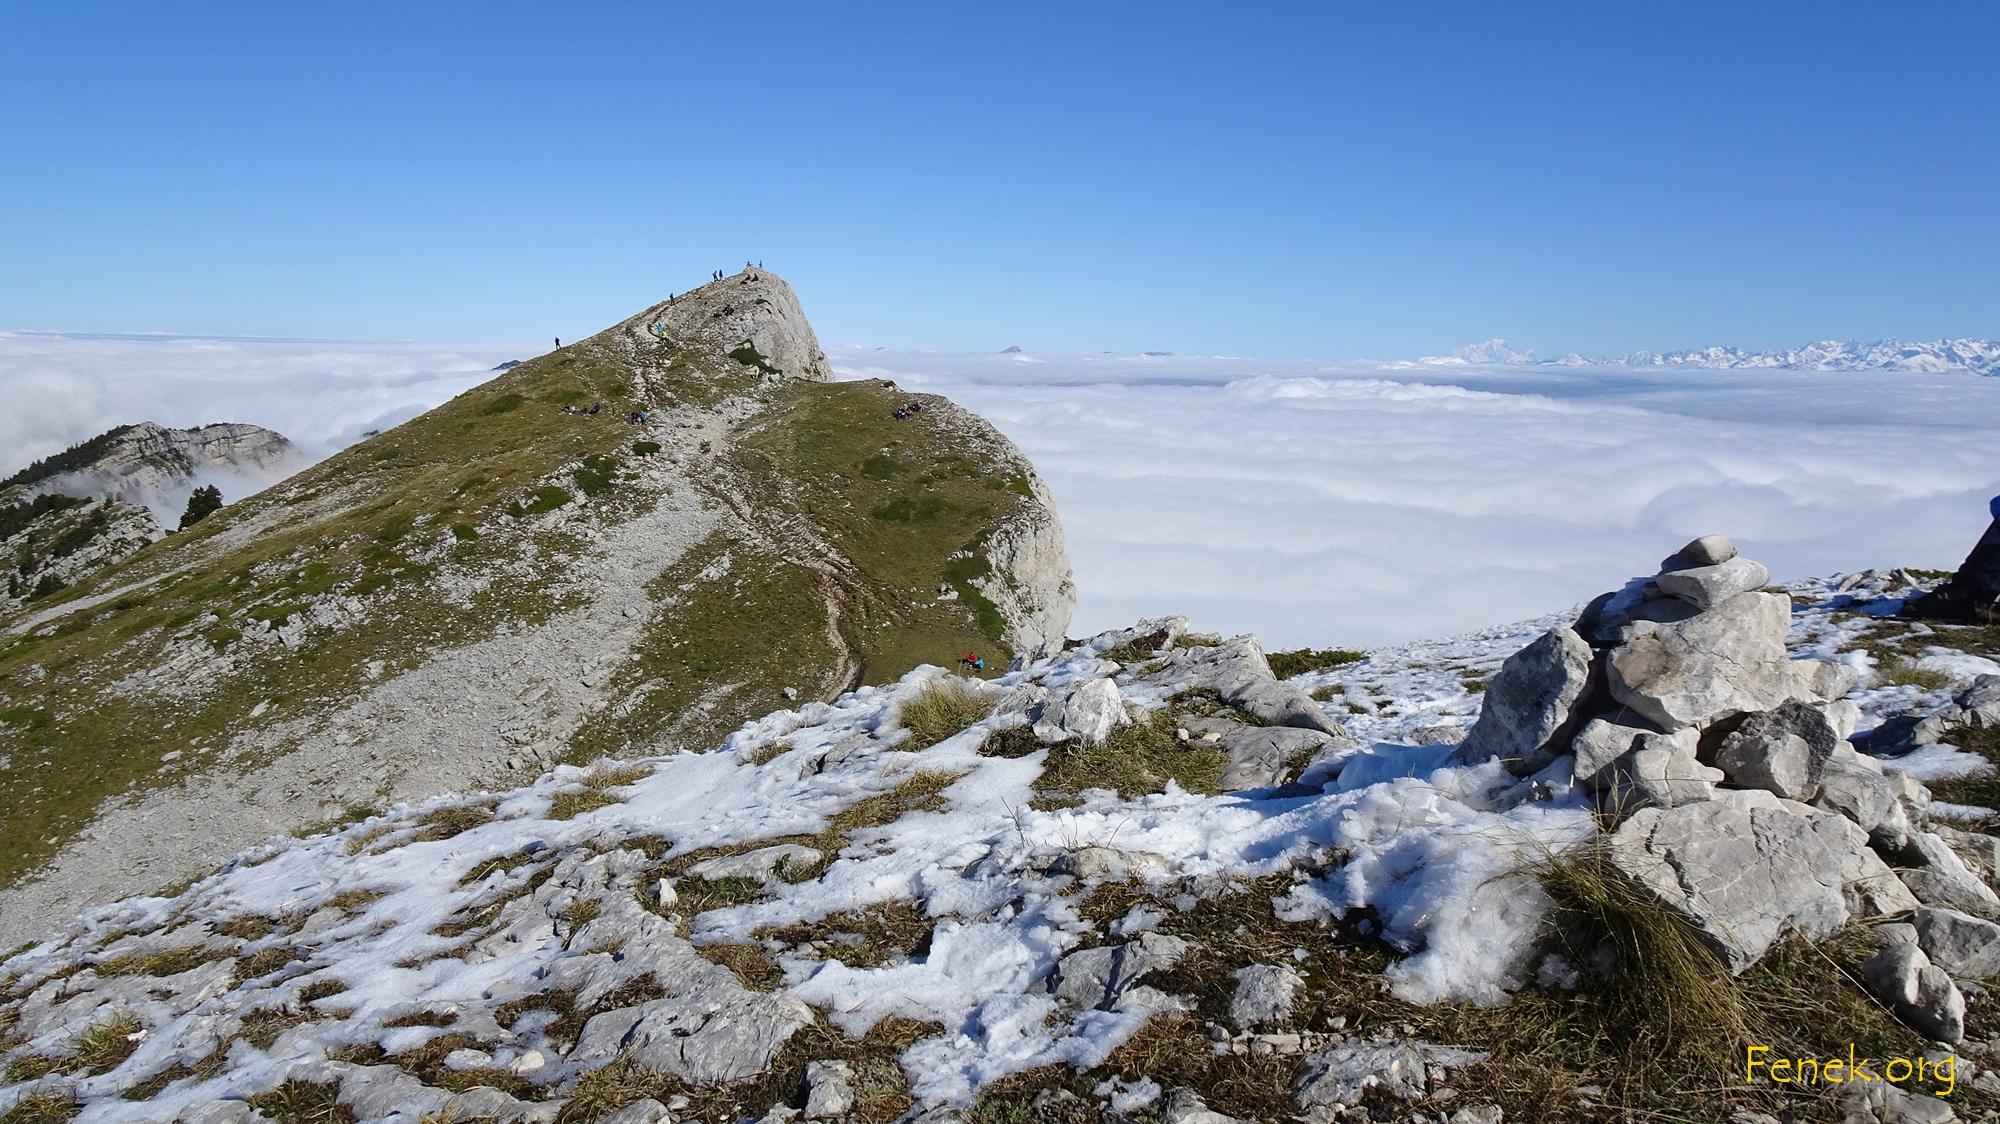 vom Vorgipfel Sicht zum Gipfel